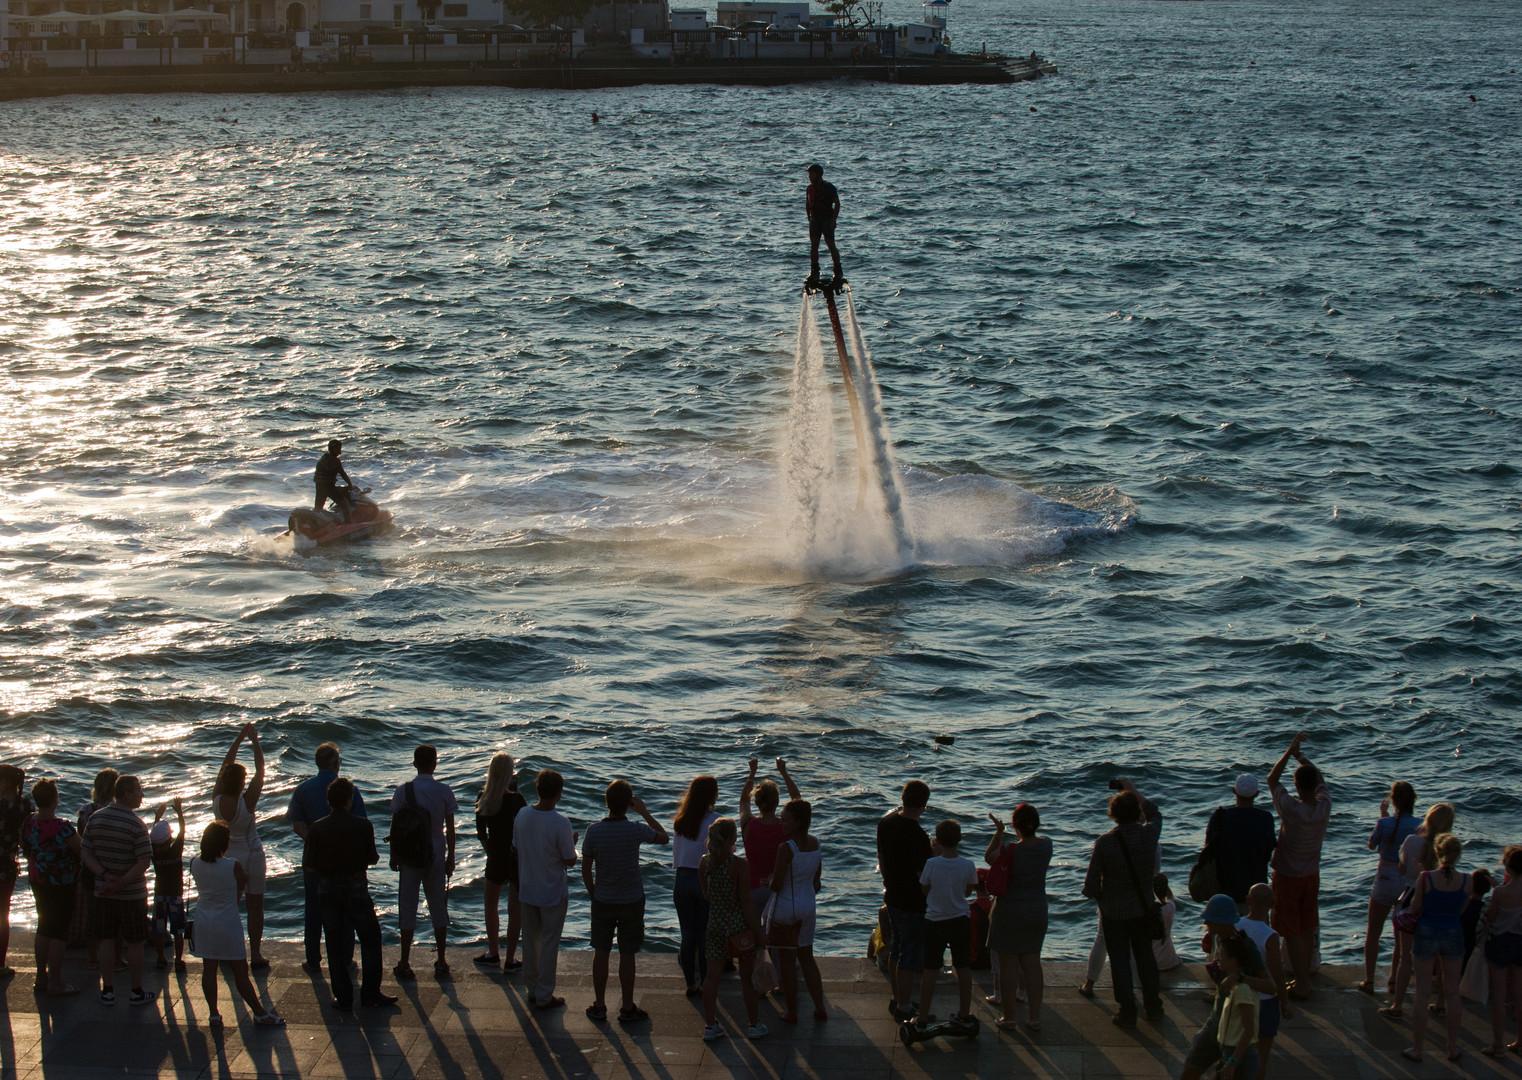 Mit dem Flyboard kann man bis zu zehn Meter über der Wasseroberfläche schweben.